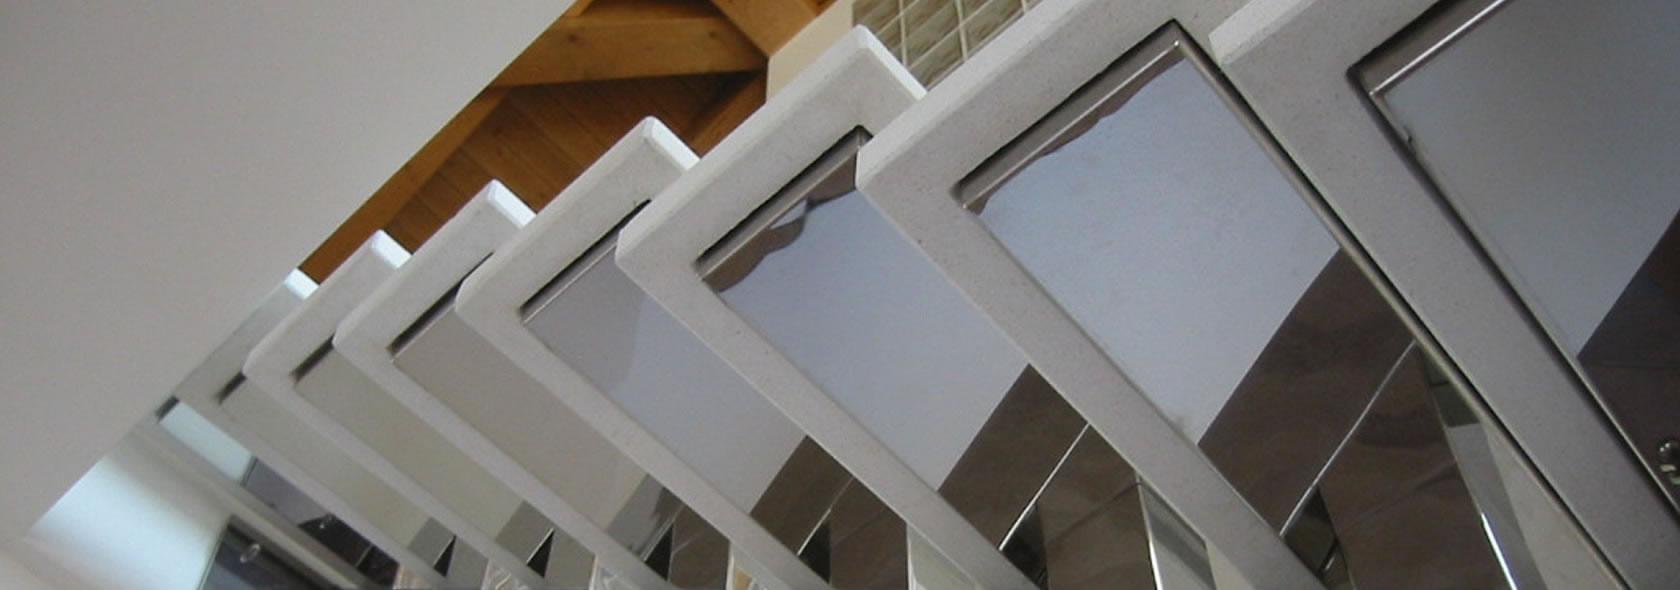 lavorazione acciaio inossidabile scale e ringhiere